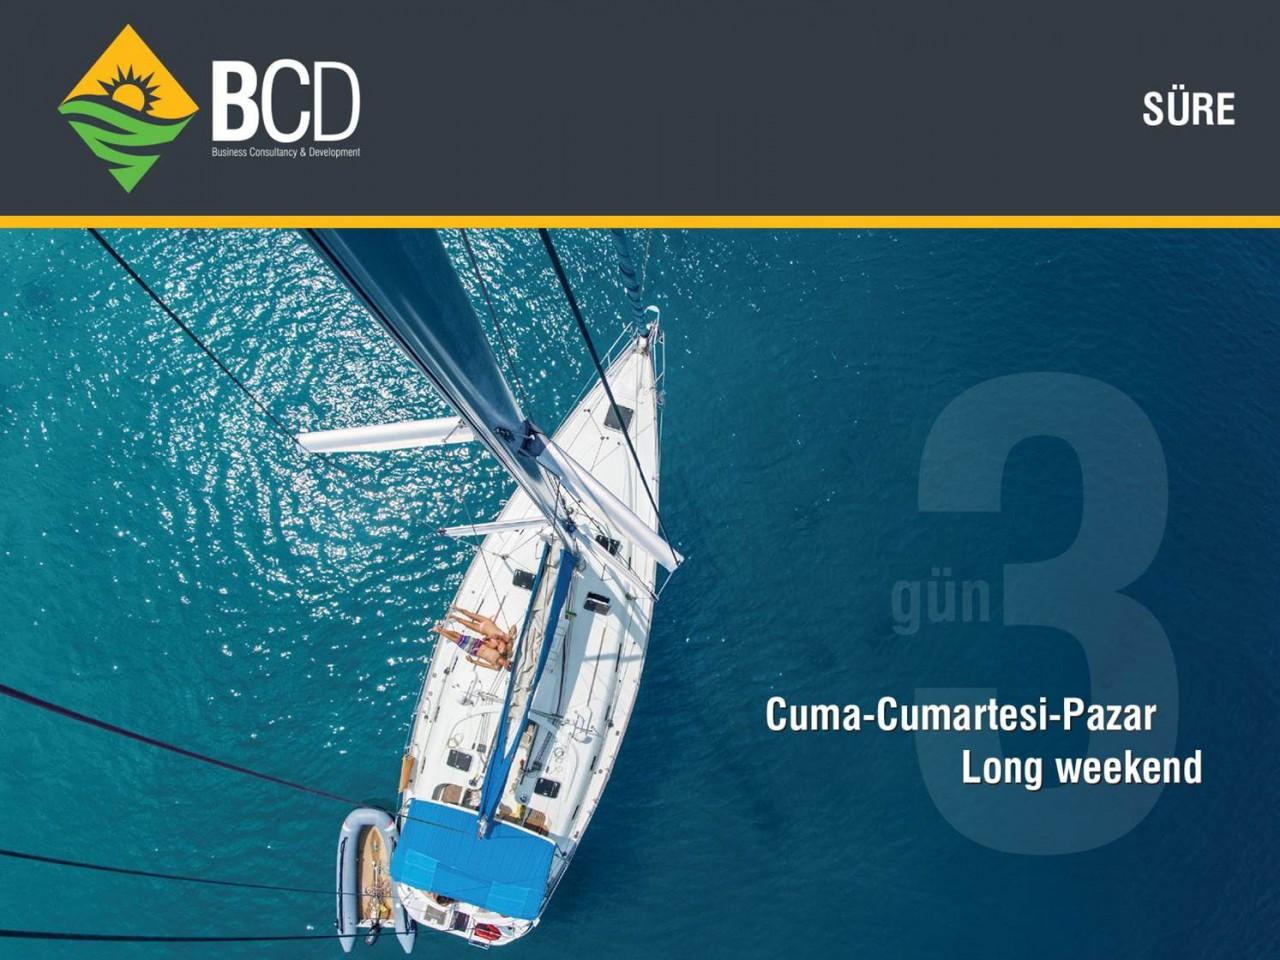 bcdturkey yelken liderlik takim ruhu 8 Yelkenli Tekne ile Liderlik ve Takım Ruhu Eğitimi